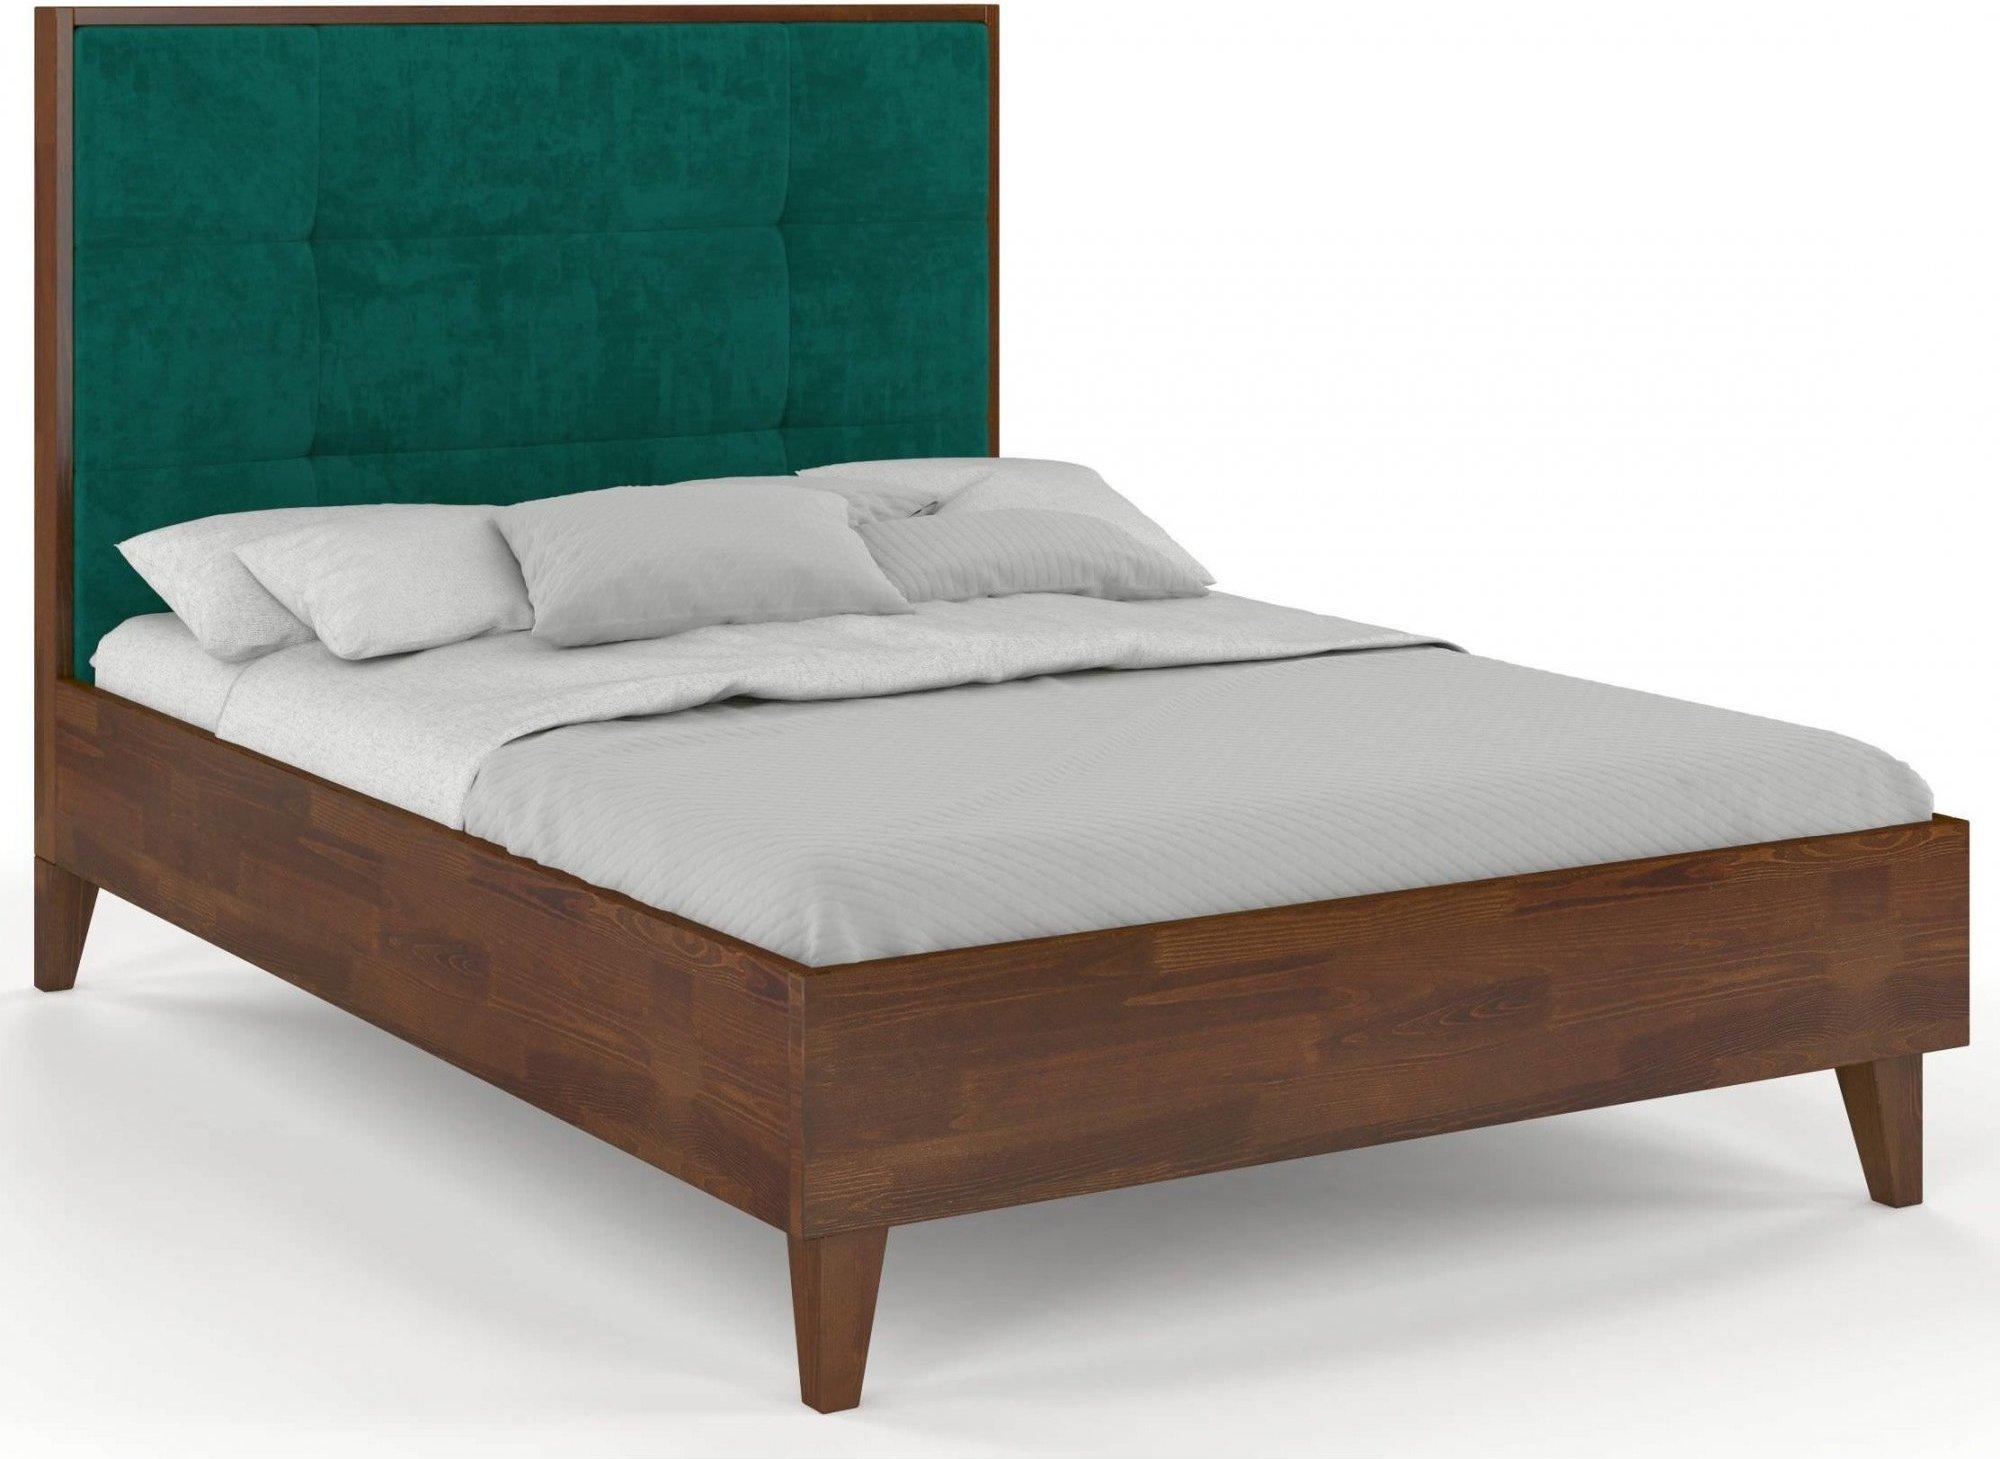 Lit avec tête de lit sommier noyer massif vert 200x200cm